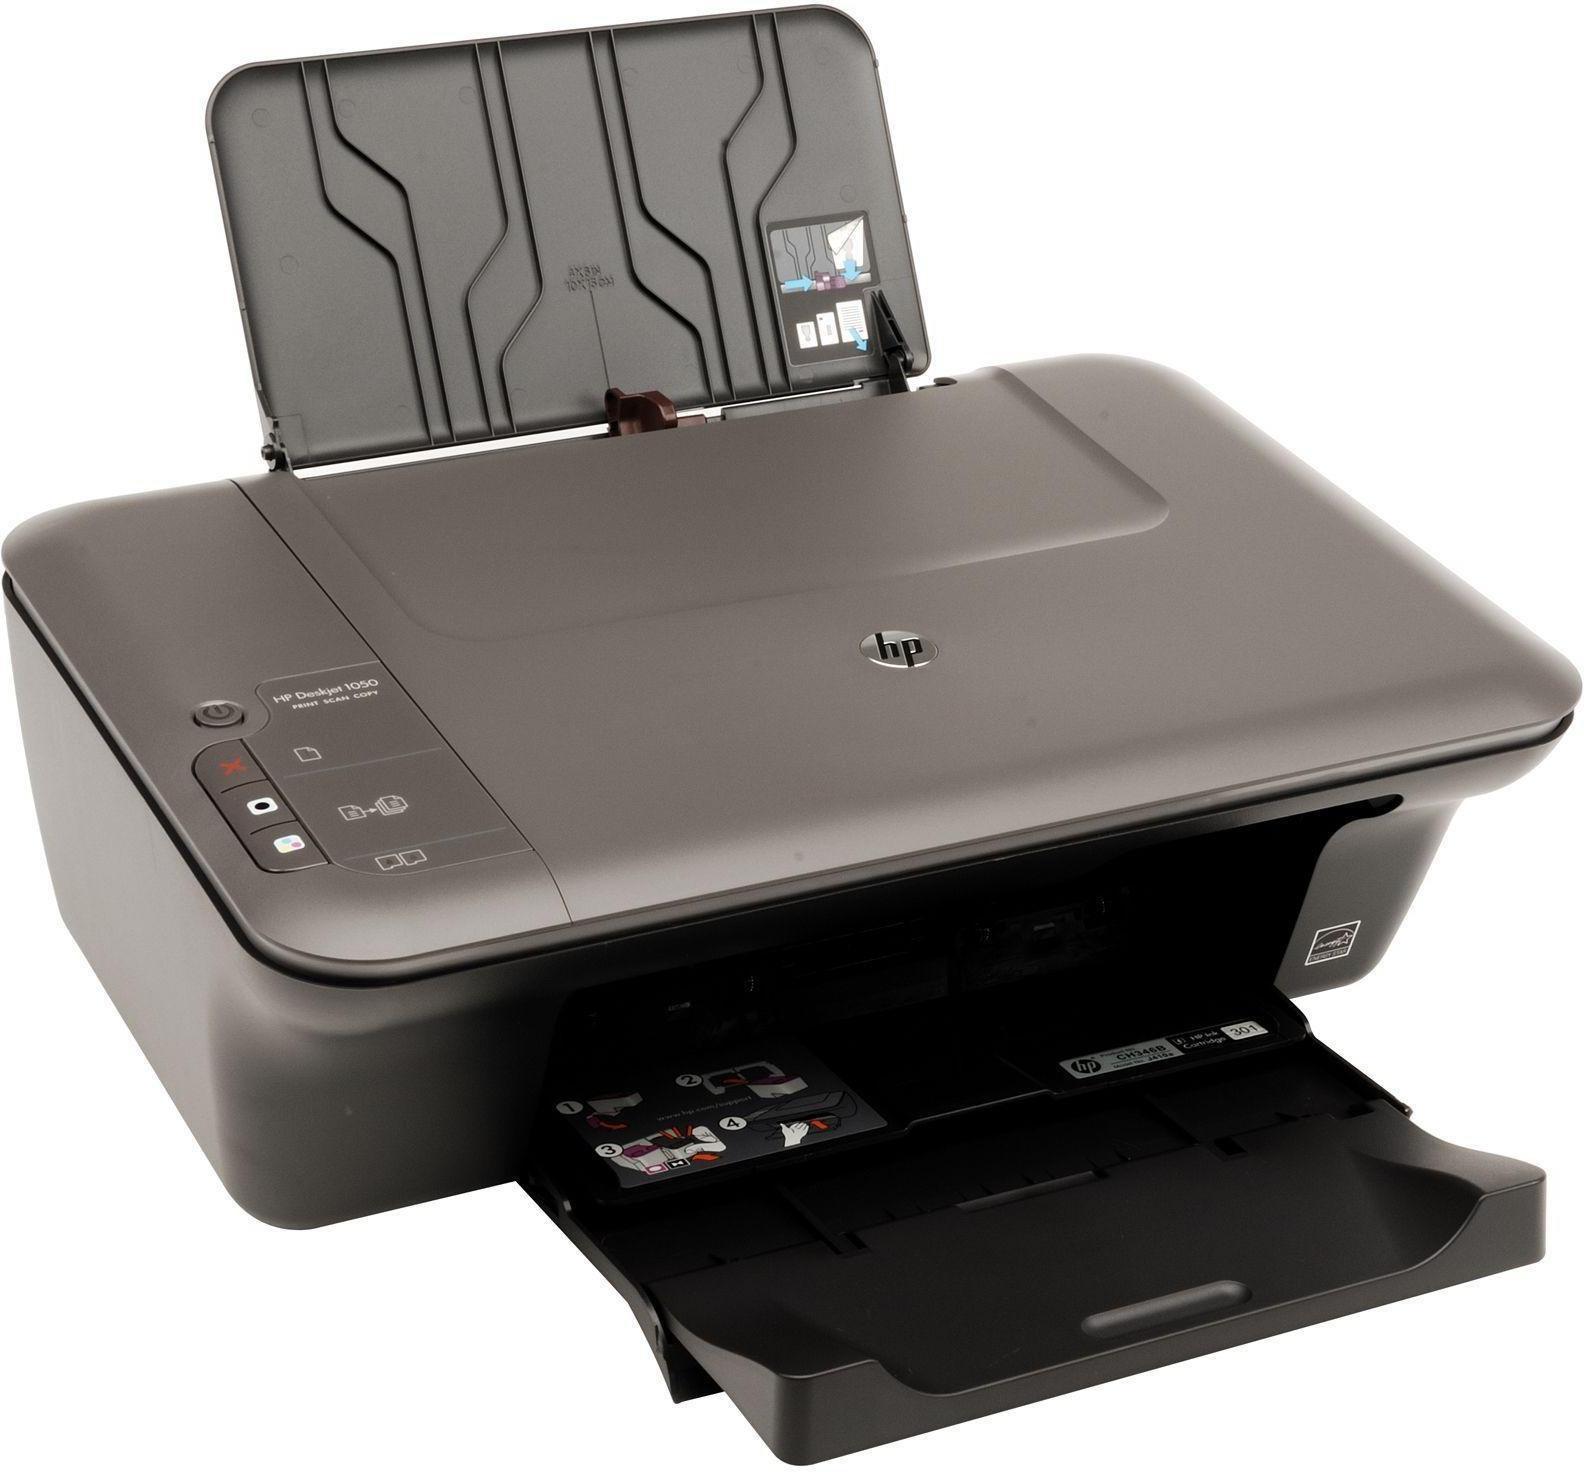 HP DeskJet 1050